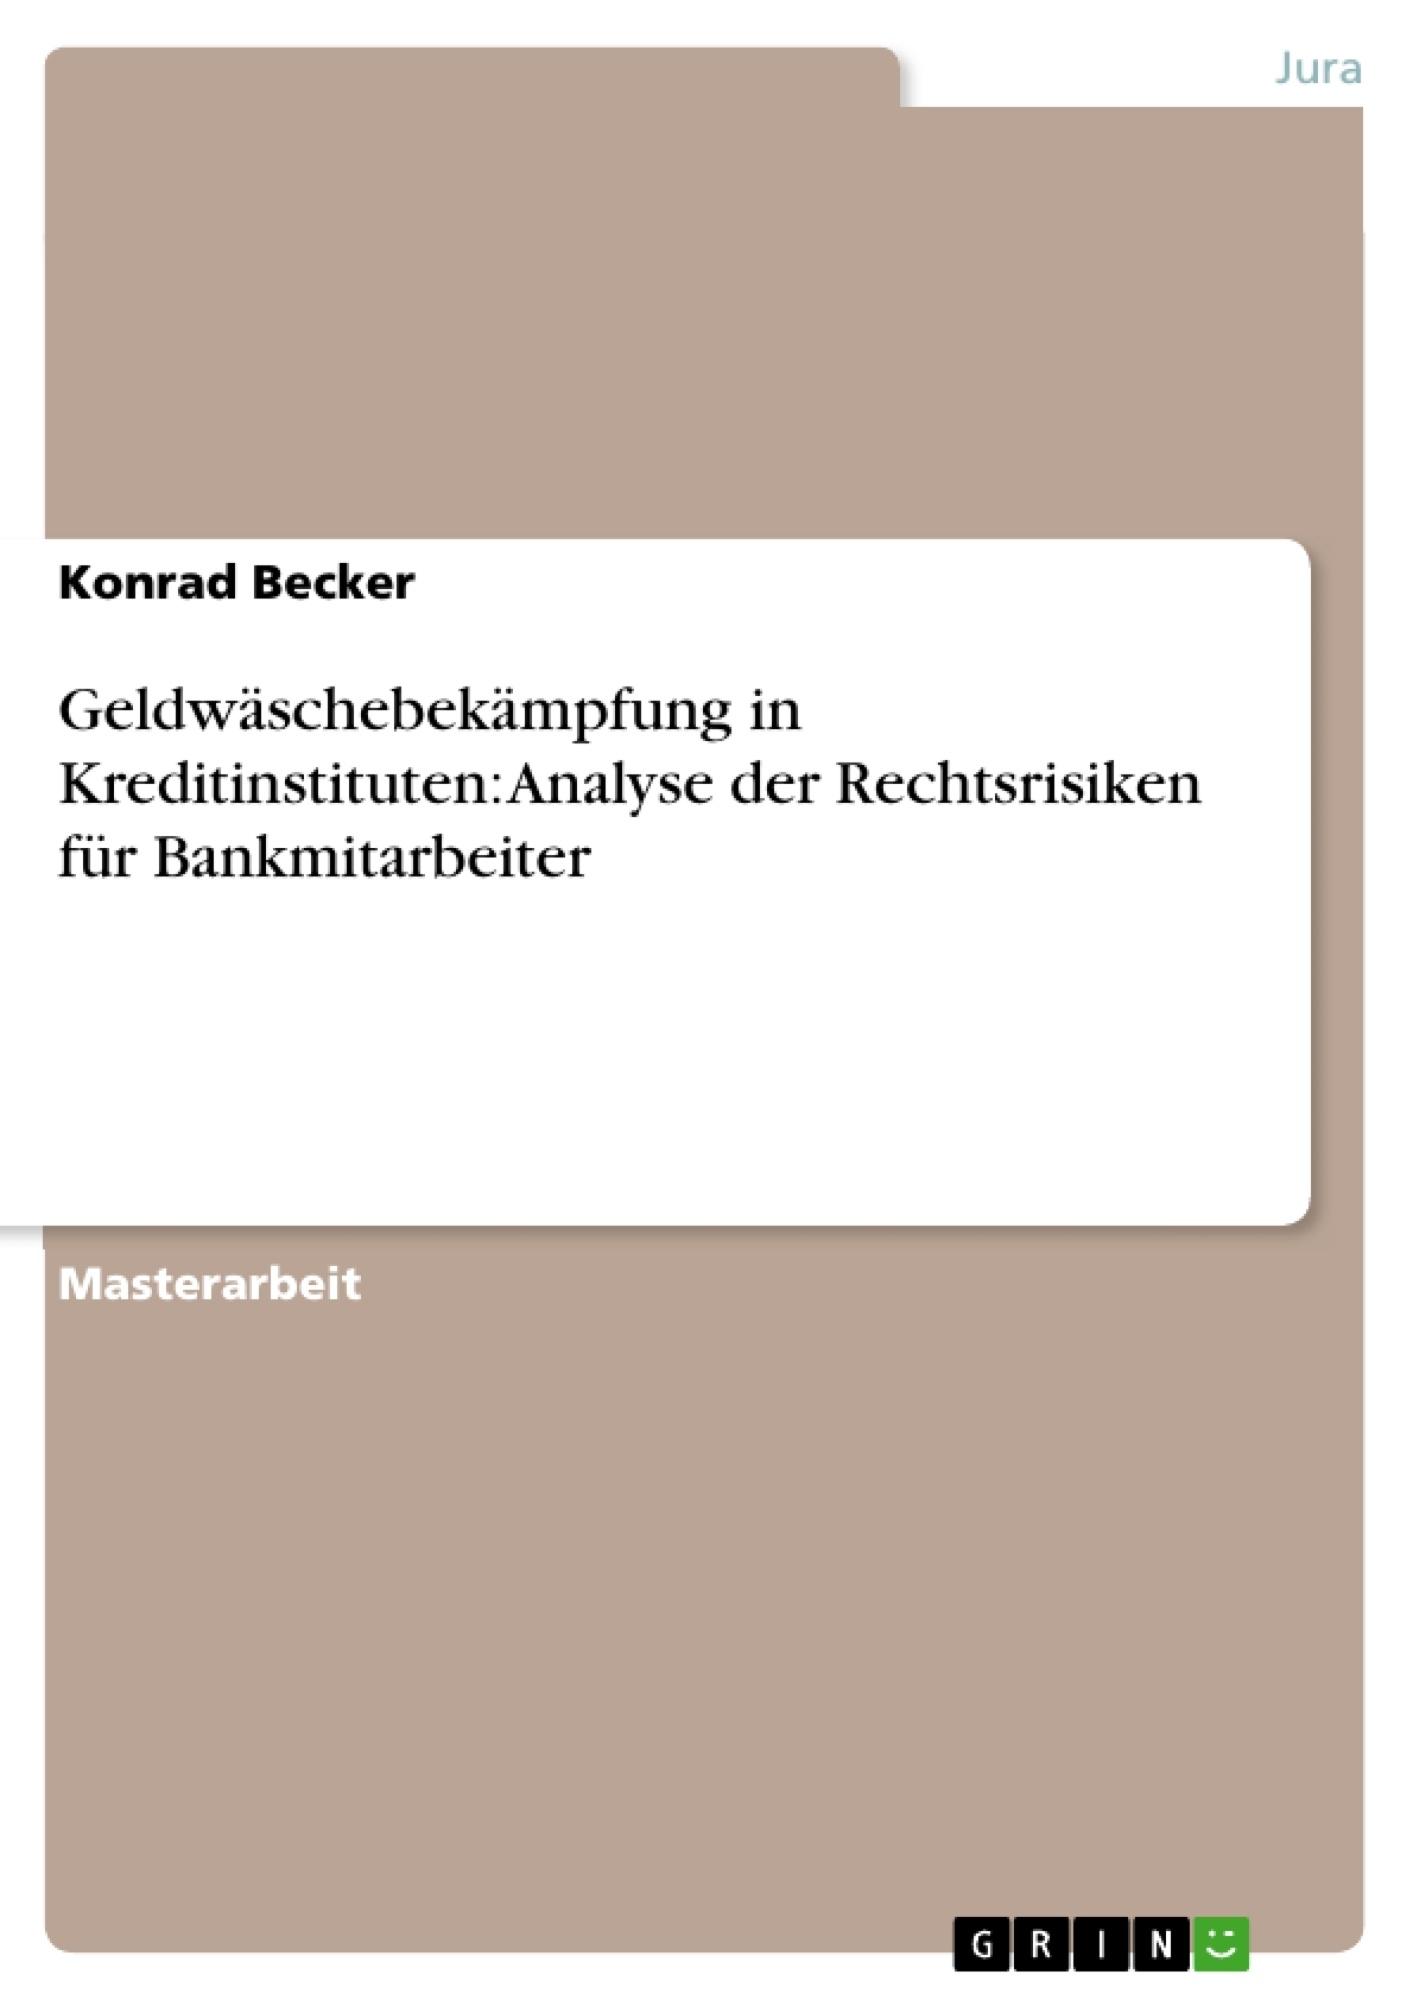 Titel: Geldwäschebekämpfung in Kreditinstituten: Analyse der Rechtsrisiken für Bankmitarbeiter